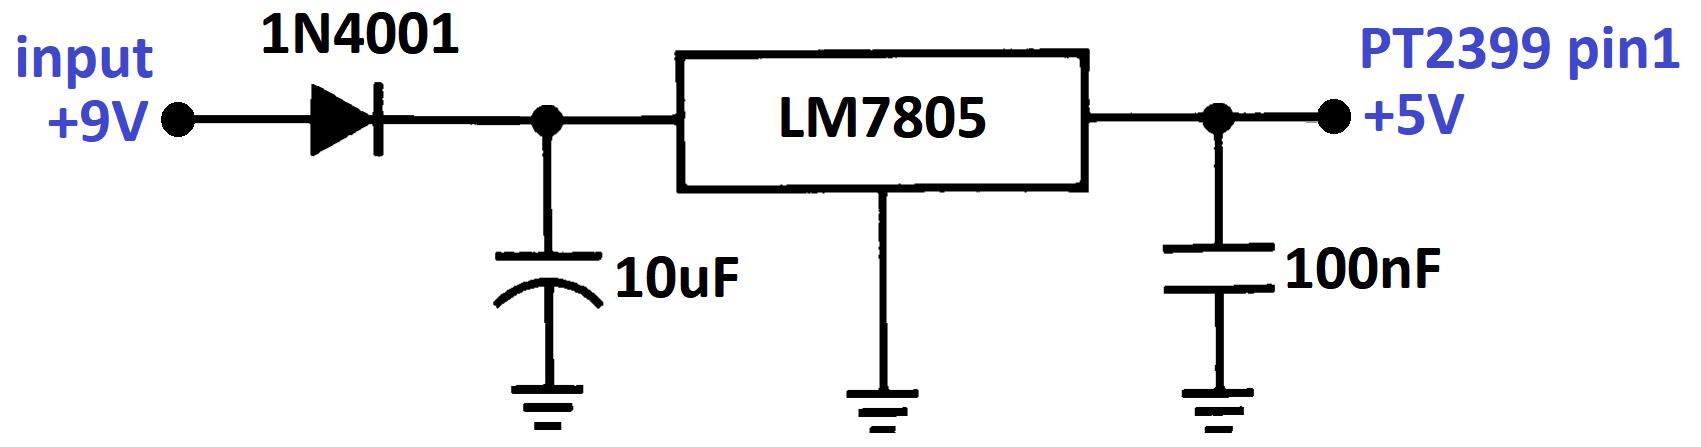 ElectroSmash - PT2399 Analysis